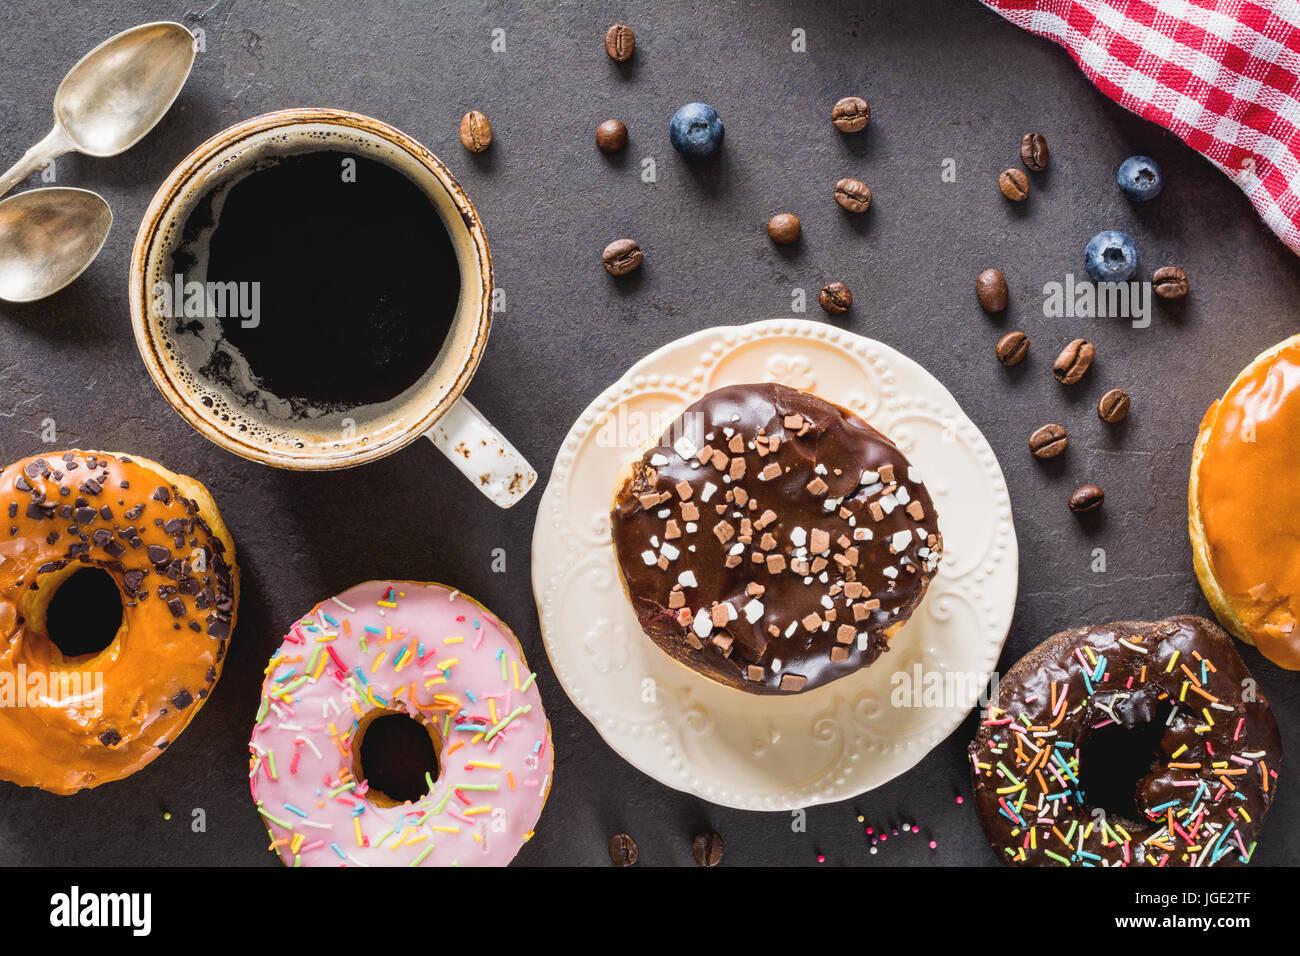 Glaseado donas y café negro espresso en fondo de piedra. Vista desde arriba. Composición laicos plana Imagen De Stock